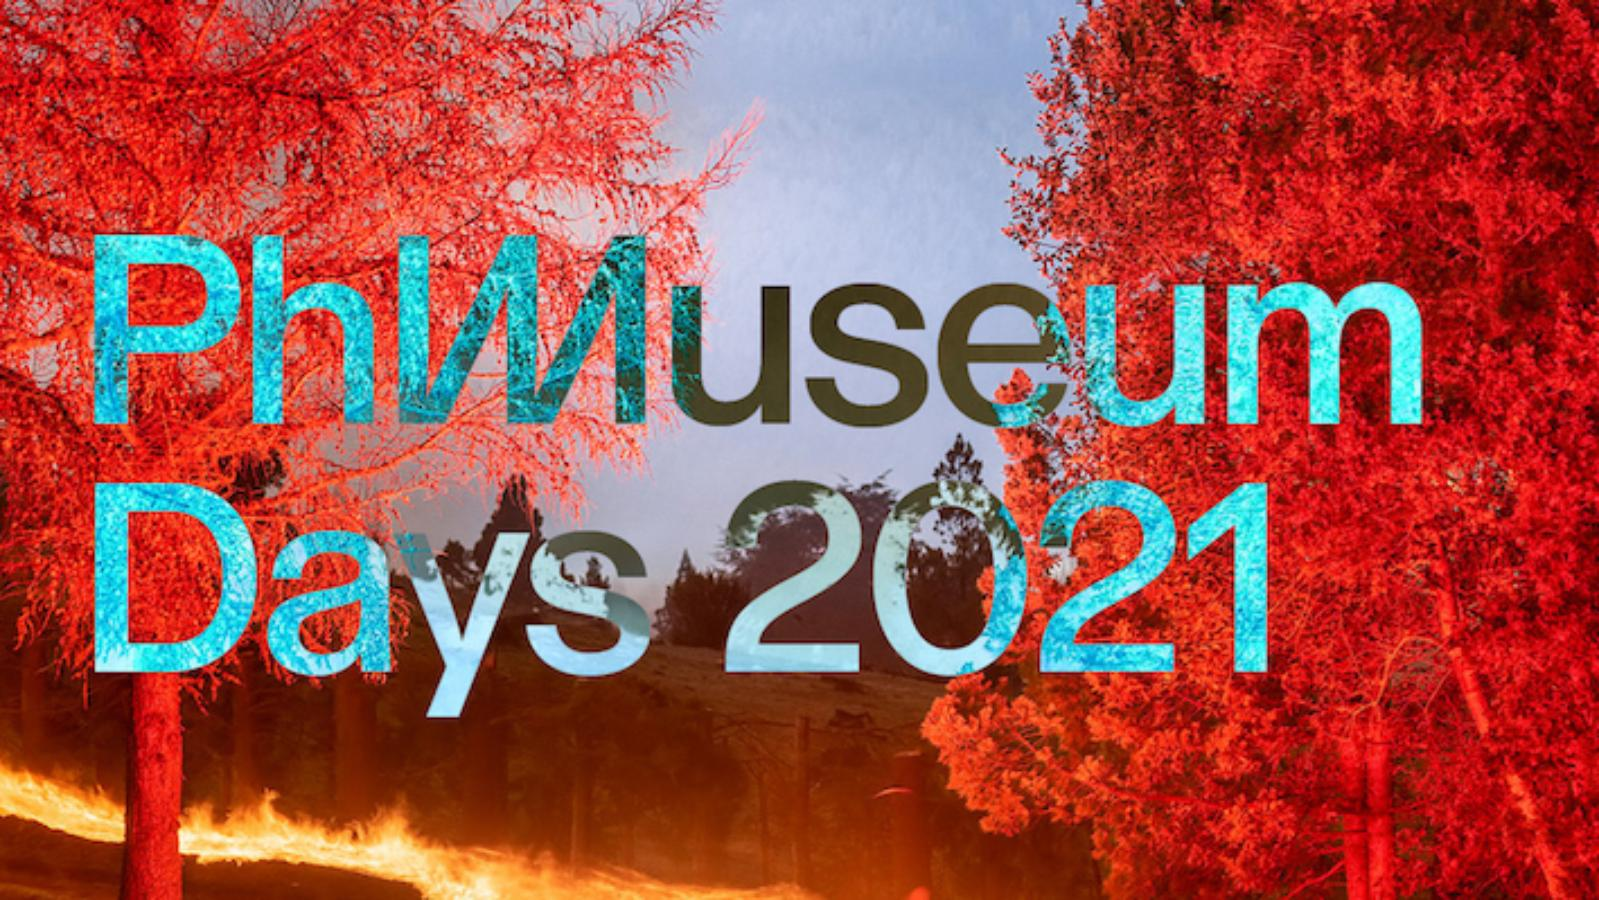 PhMuseum Days Dumbo